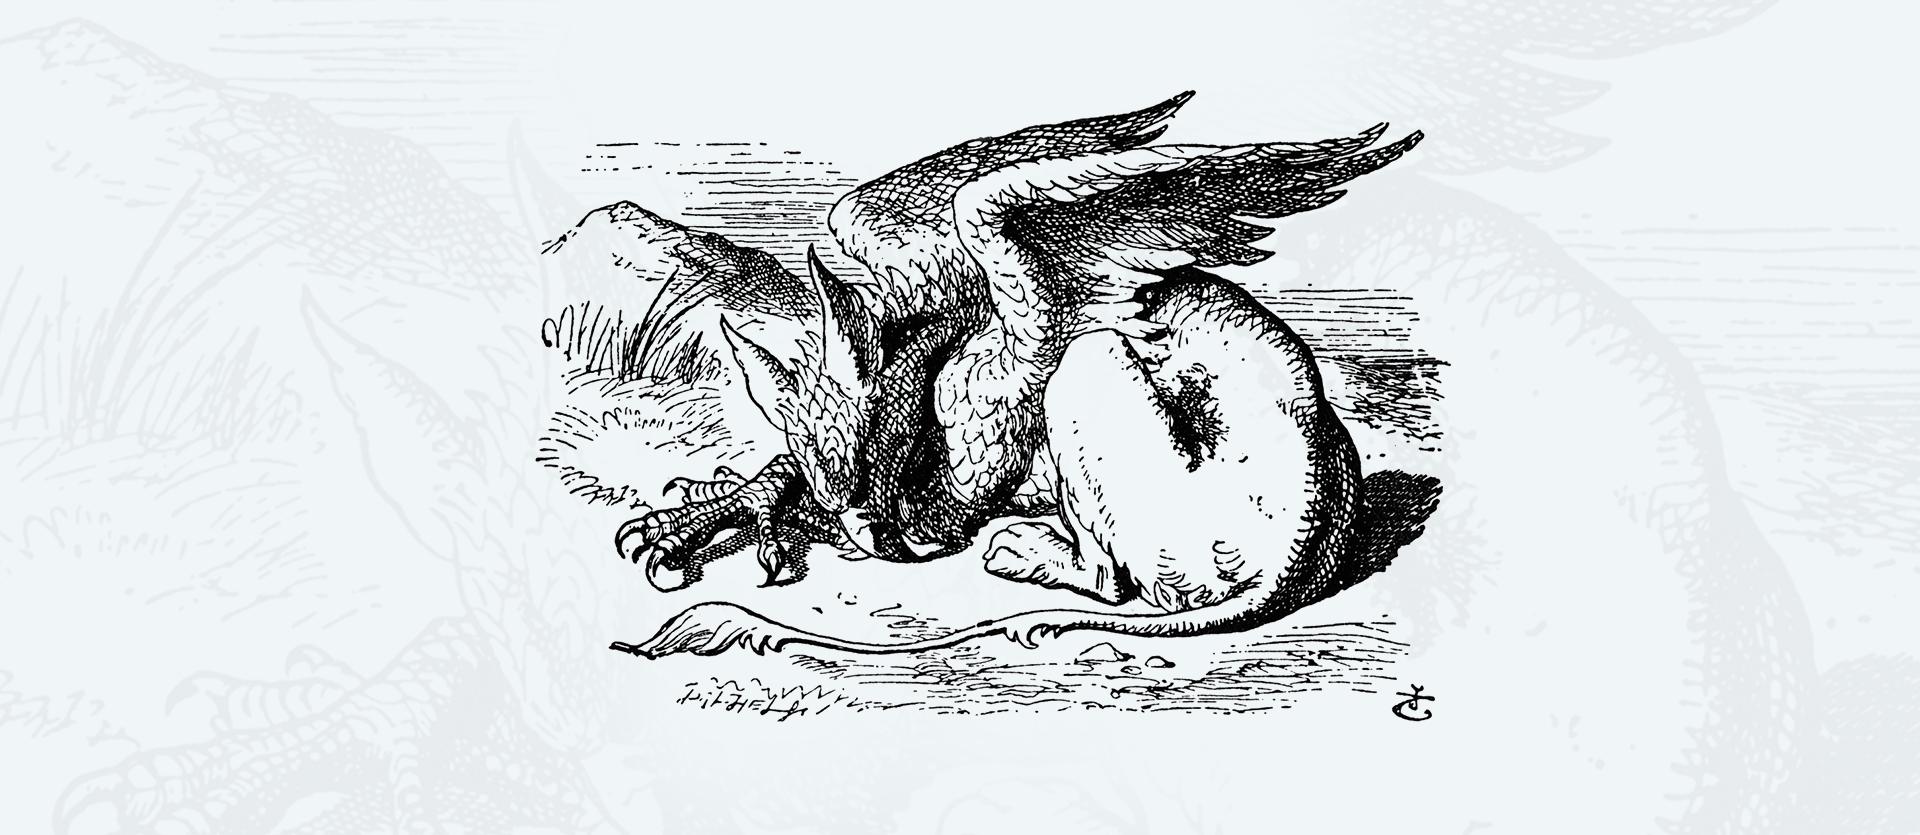 Śpiący Gryfon Śpiący Gryfon Źródło: John Tenniel, rysunek tuszem, domena publiczna.